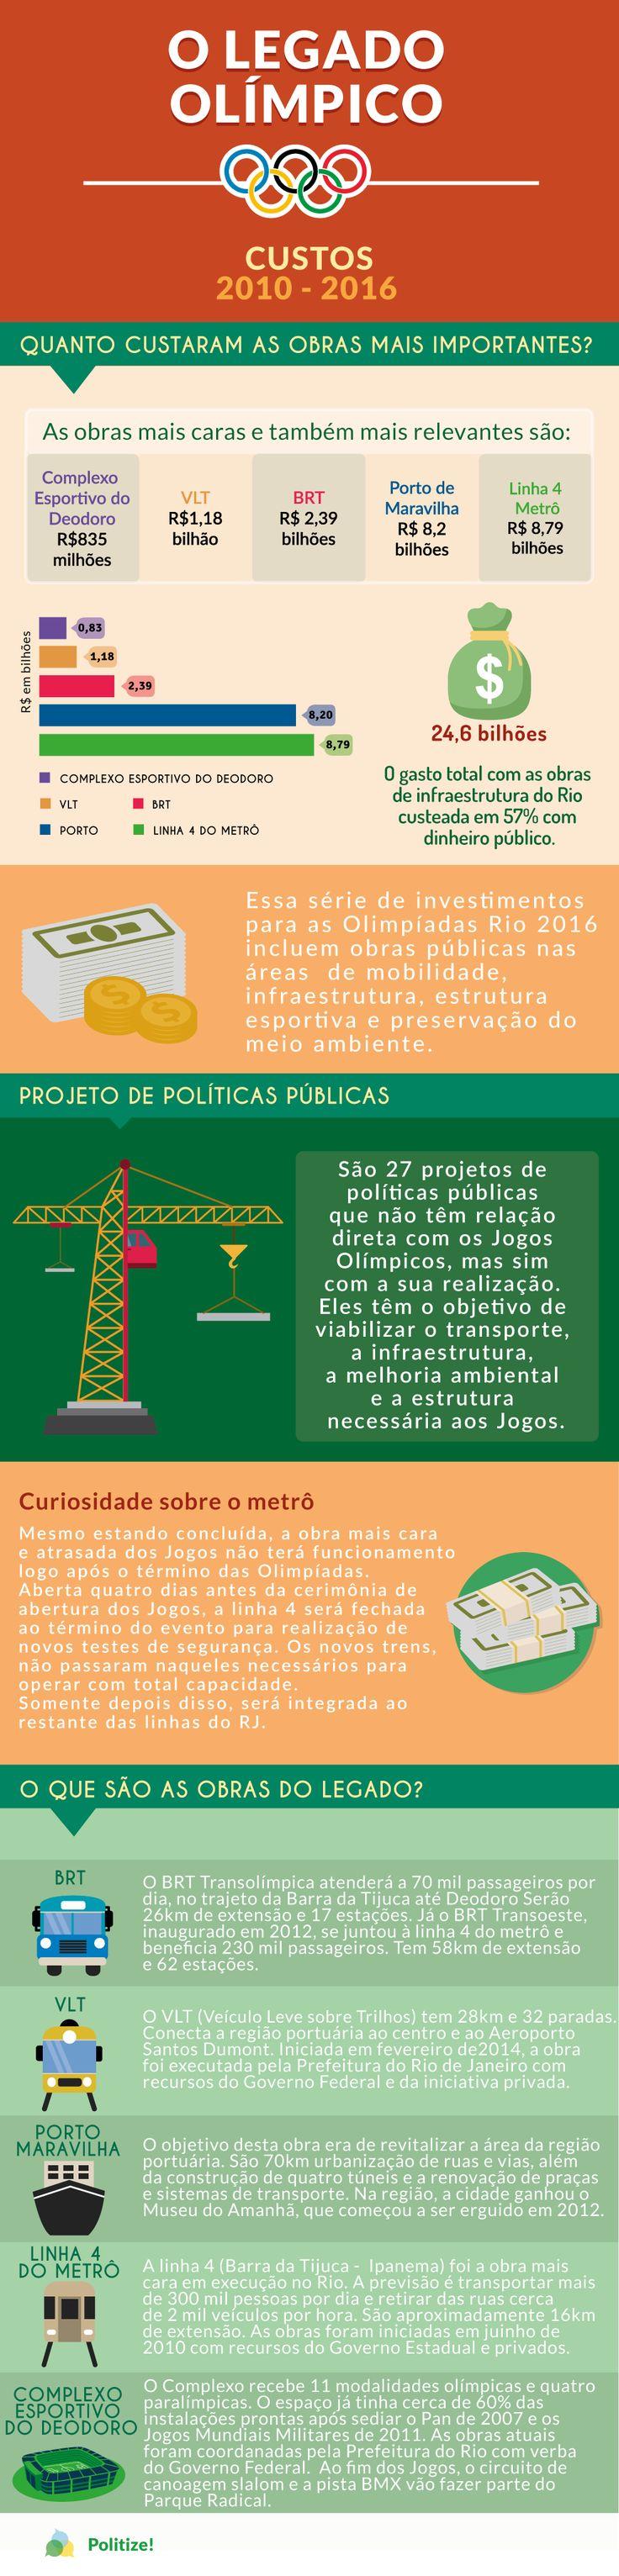 """As Olimpíadas Rio 2016 envolveram algumas polêmicas, como as desapropriações de casas para a construção de estádios ou alargamento de vias, as contas """"maquiadas"""" e questionamentos sobre o processo licitatório. Mas agora que elas estão ocorrendo – e aparentemente estando tudo normal -, algumas dúvidas continuam. Confira:"""